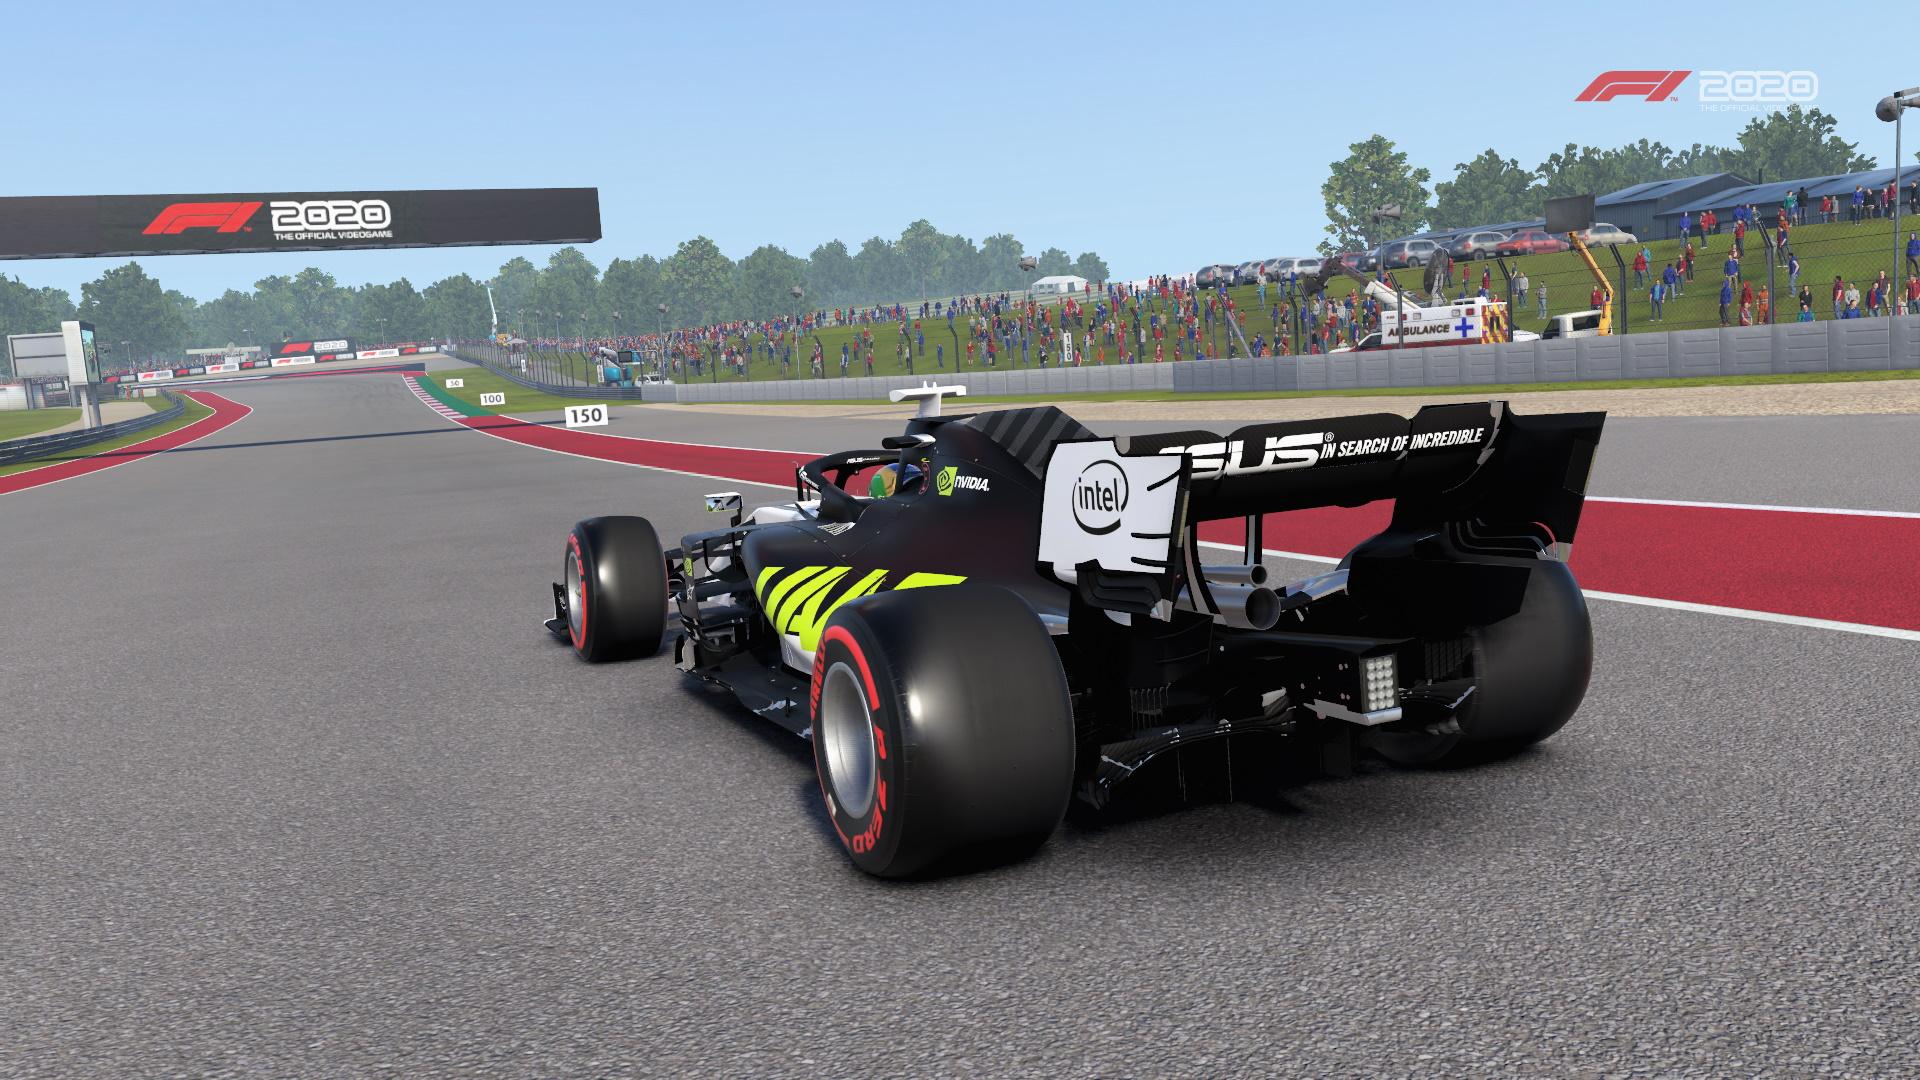 F1 2020 Screenshot 2020.09.15 - 16.59.04.35.jpg